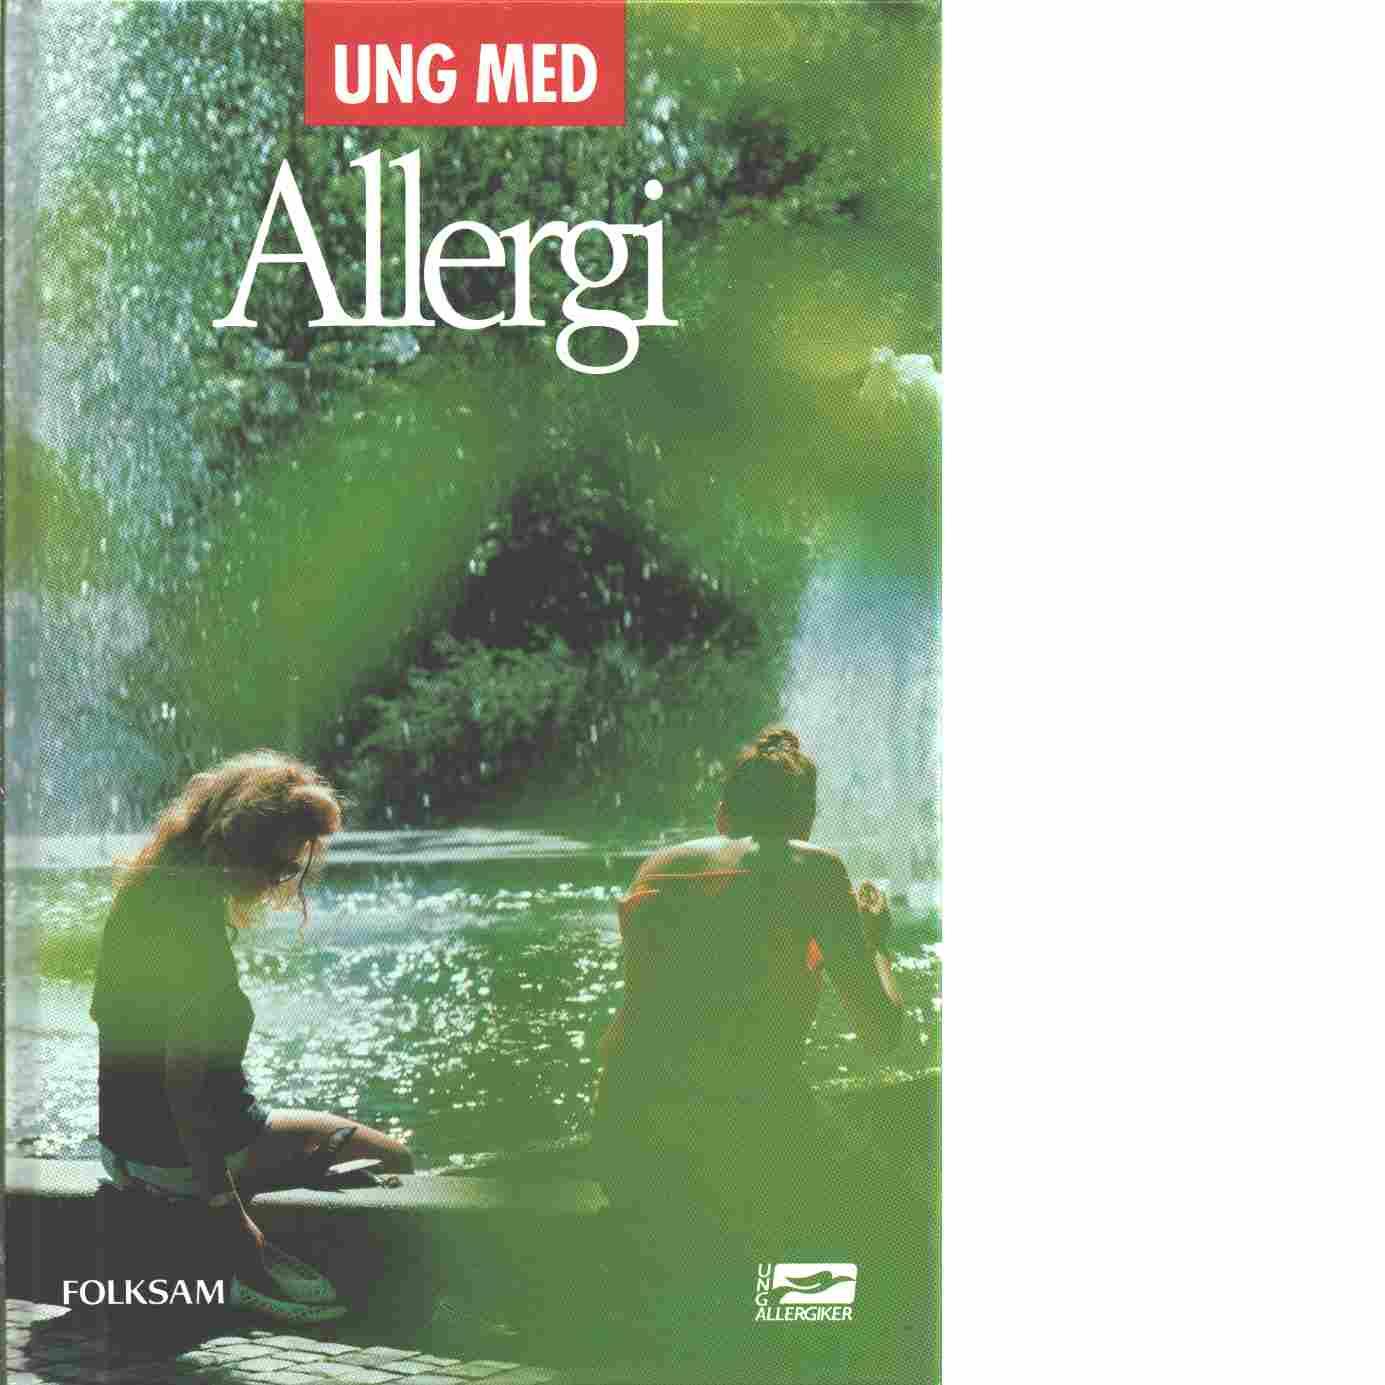 Ung med allergi - Sjöberg, Malena